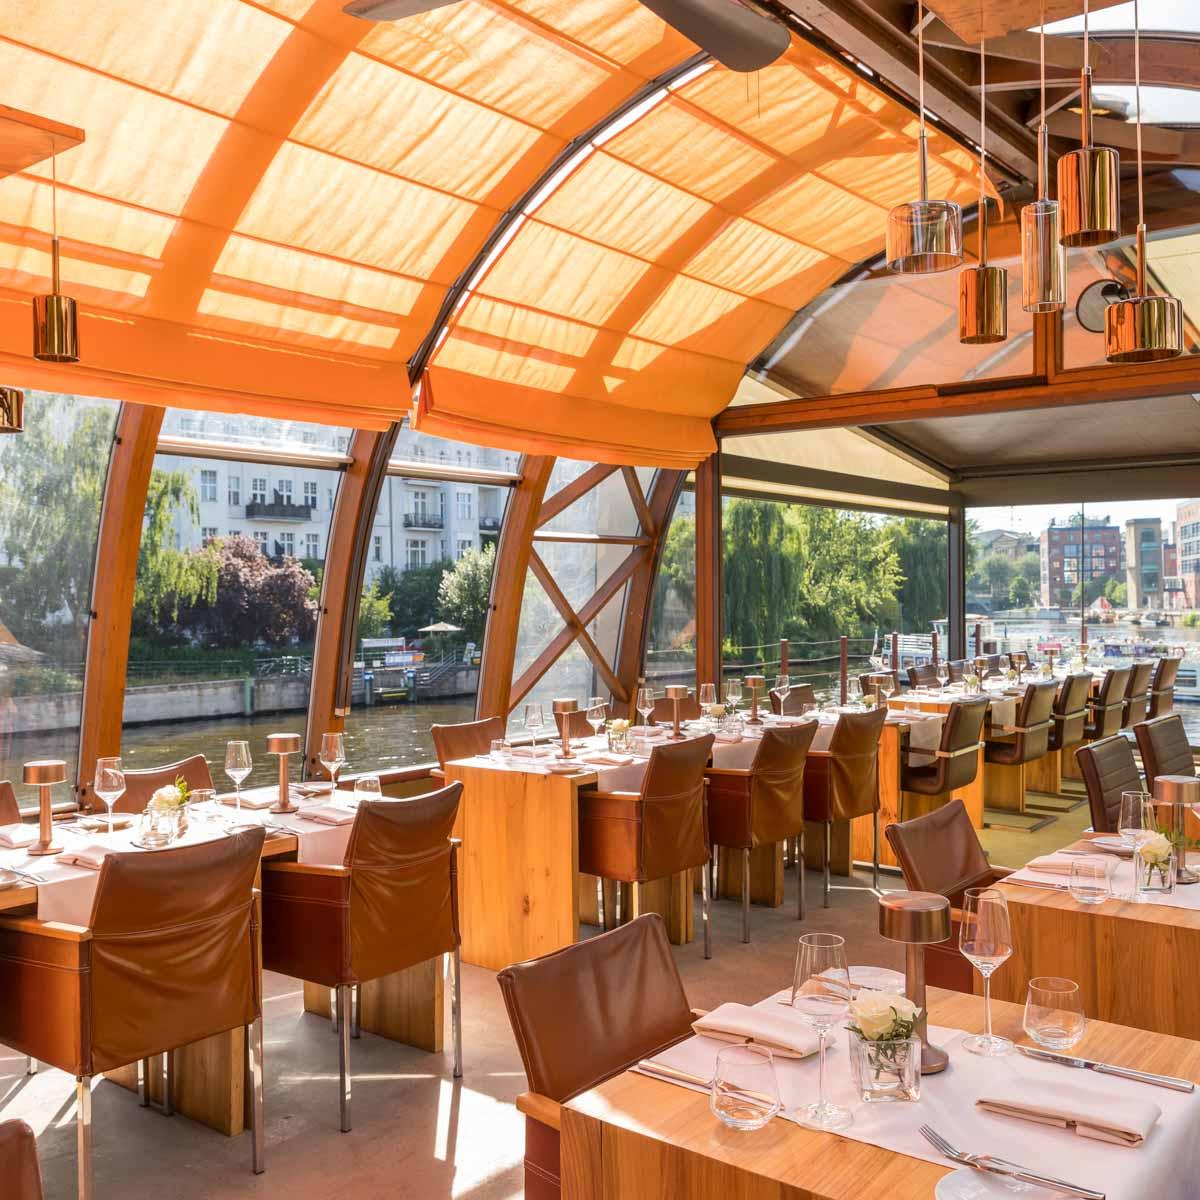 Restaurant-Schiff Patio in Berlin-Moabit-5